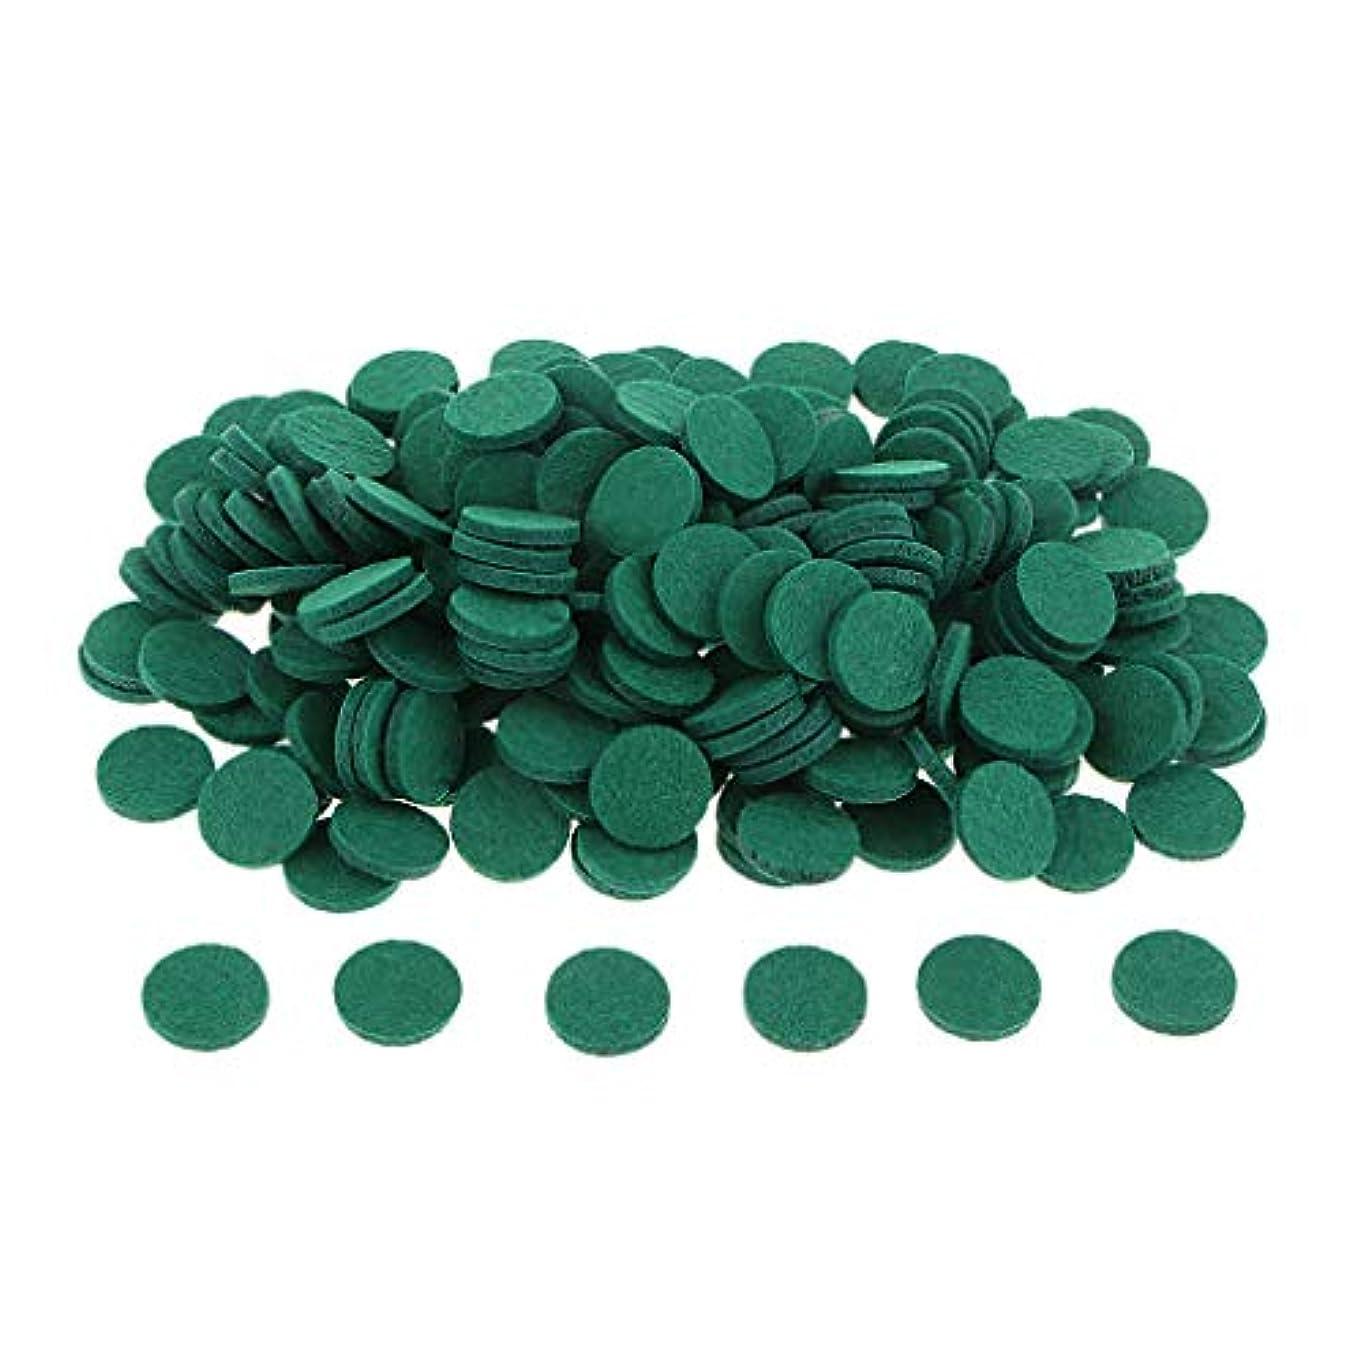 雰囲気下るかご約200個入り 詰め替えパッド アロマオイルパッド パッド 詰め替え エッセンシャルオイル 部屋 全11色 - 緑